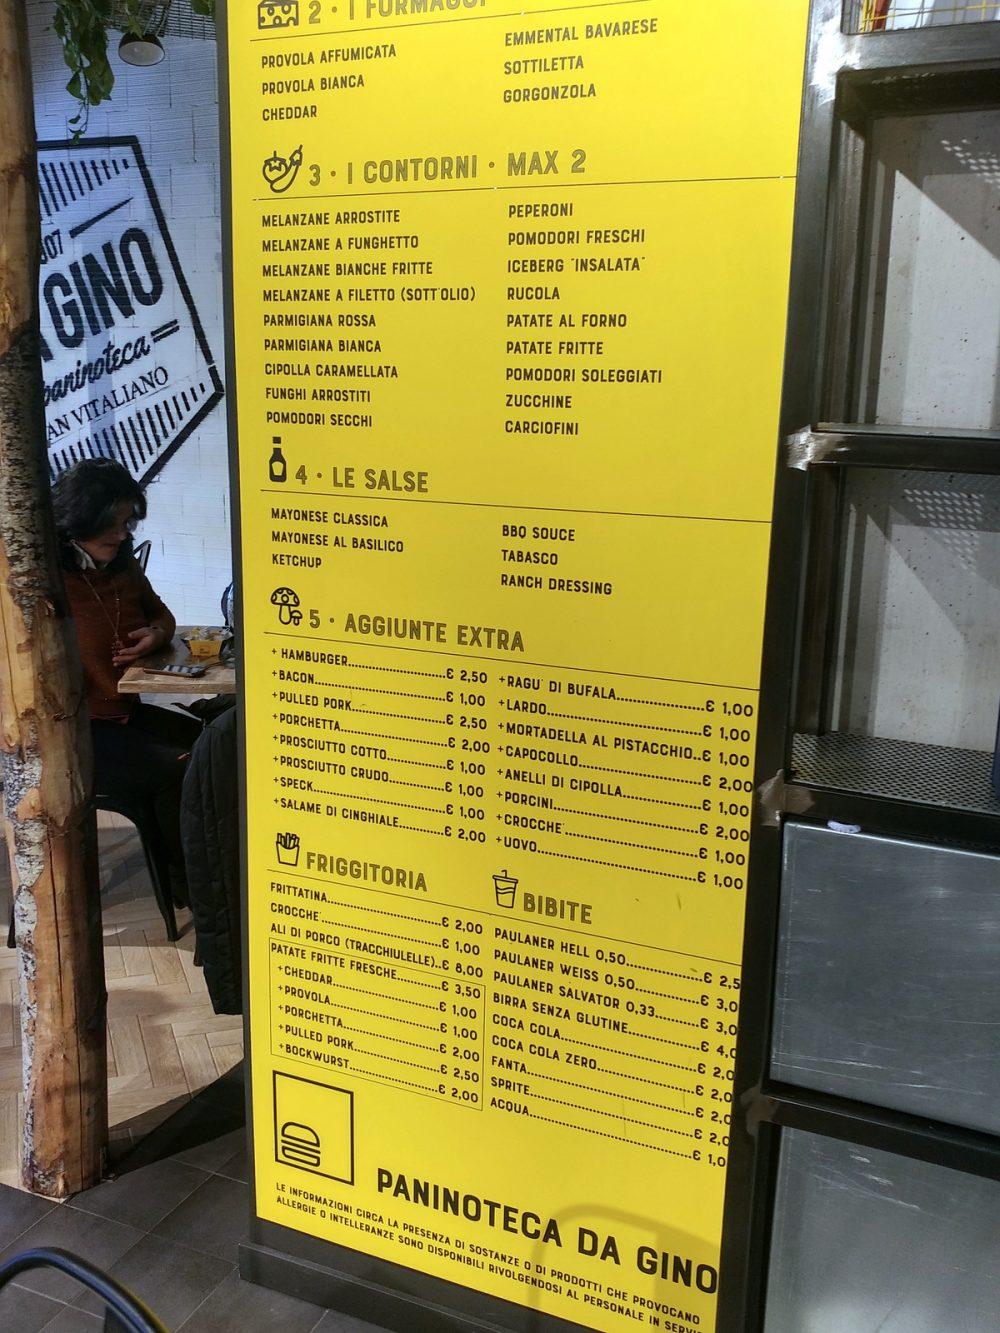 Paninoteca Da Gino a San Vitaliano. La parte inferiore del menu alla parete